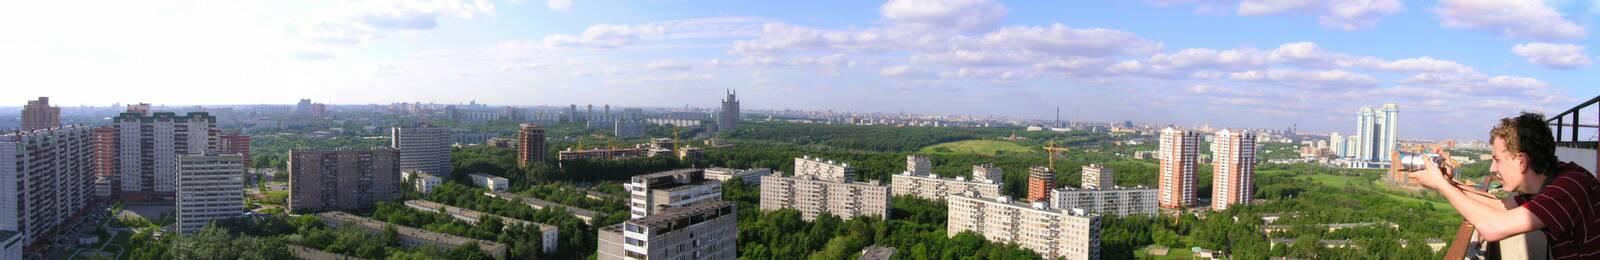 2005 Панорама улицы Веерная. Весна 2005 г.